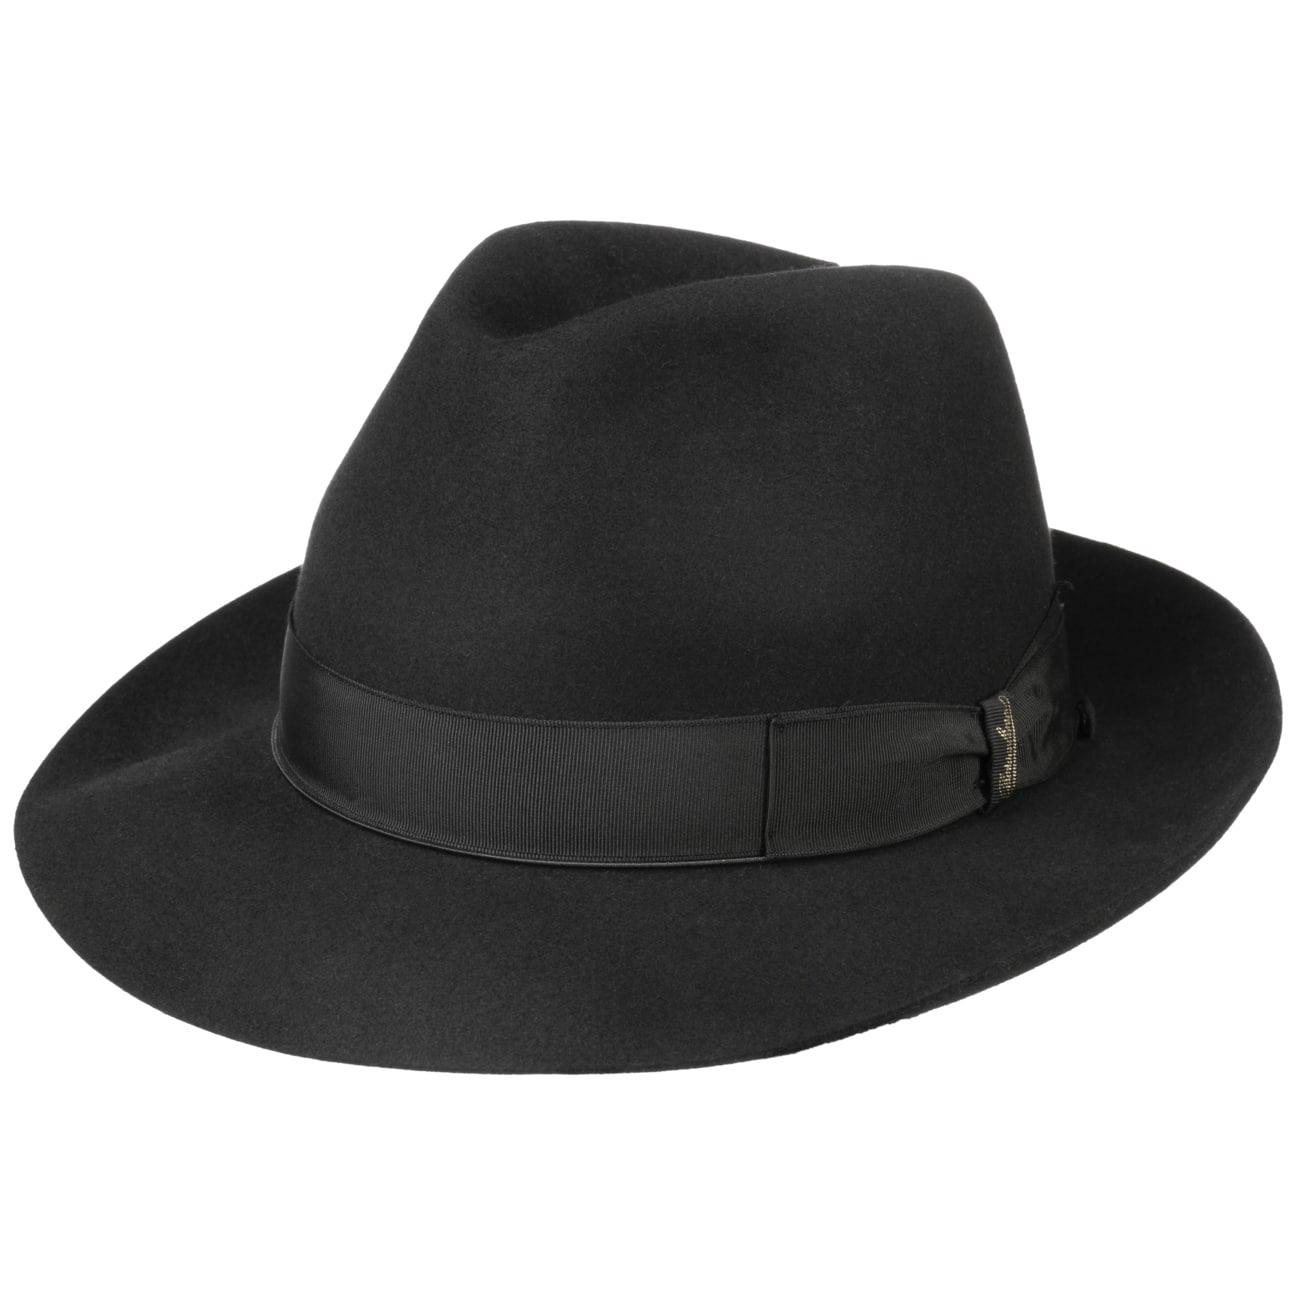 d0136523e2b8d Sombrero clásico borsalino sombreros jpg 1296x1296 Imagenes de sombreros  borsalino